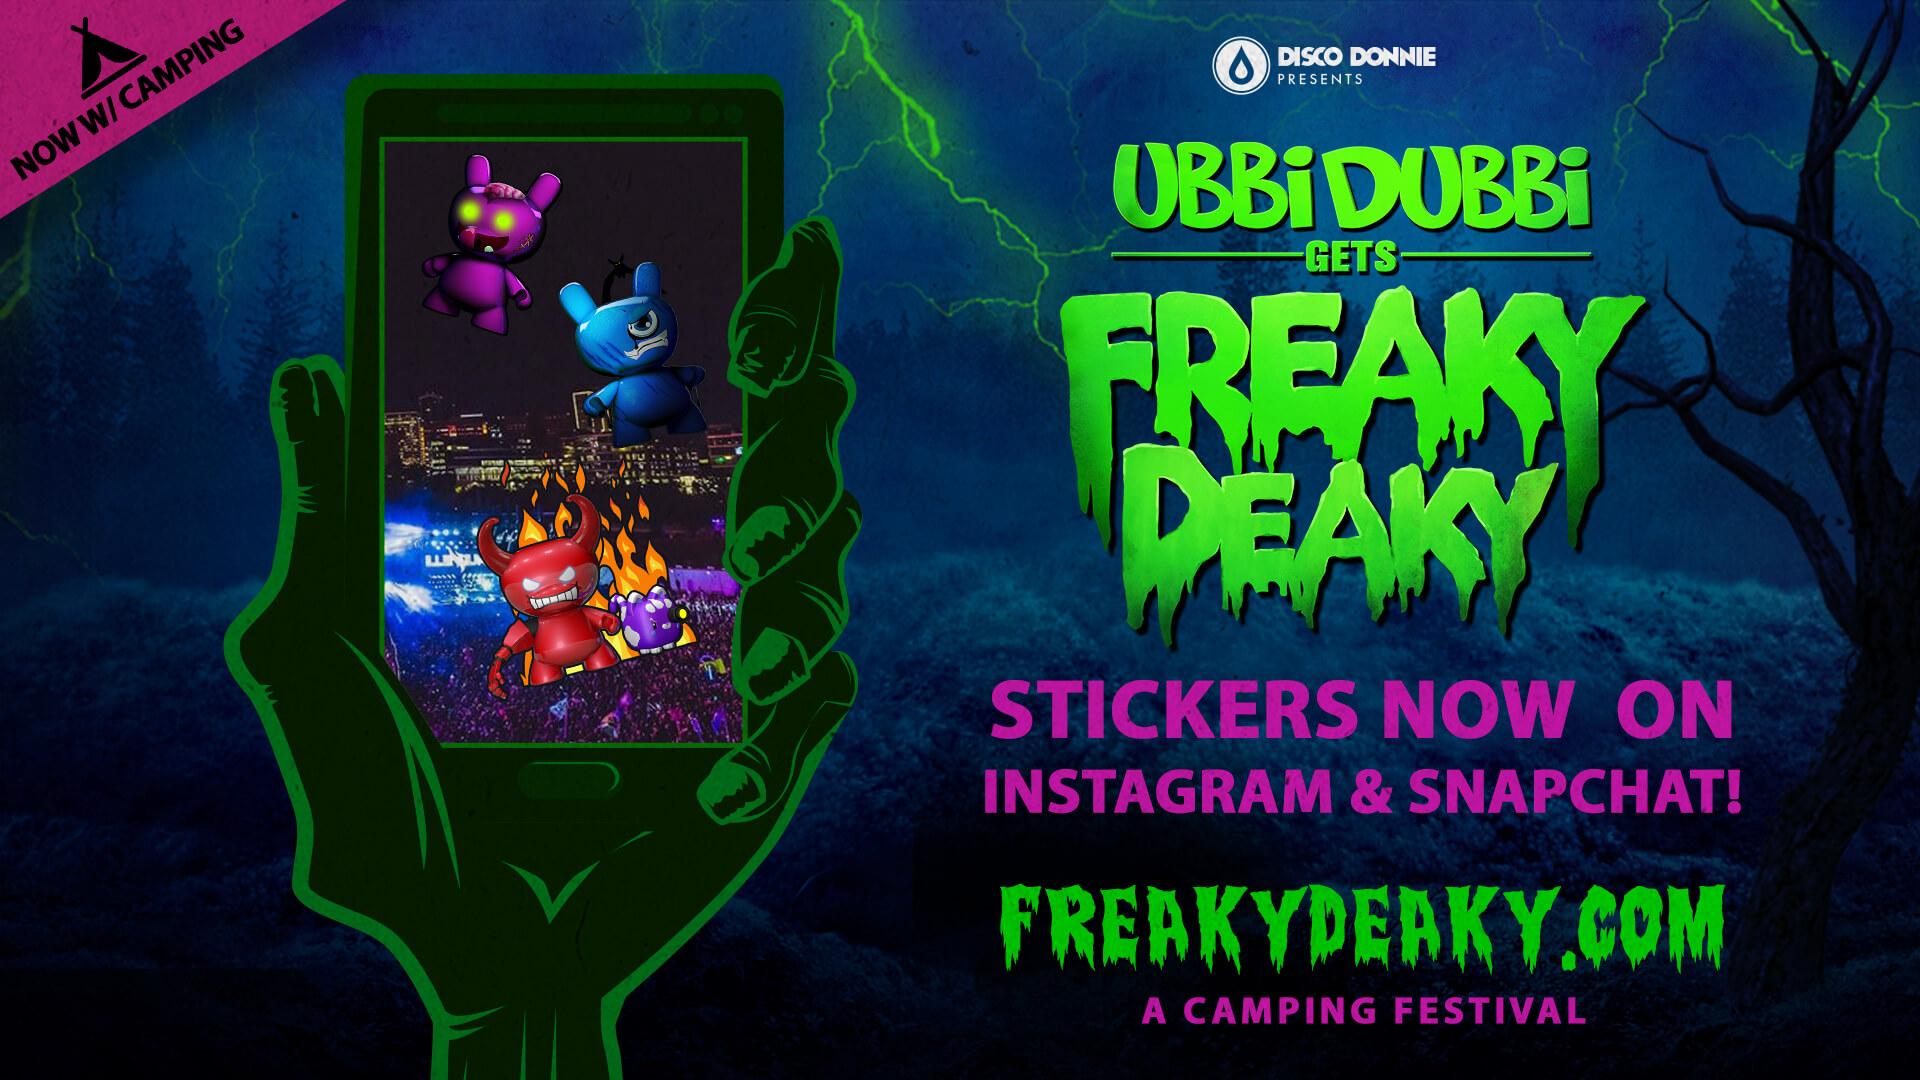 ubbi dubbi gets freaky deaky sticker pack